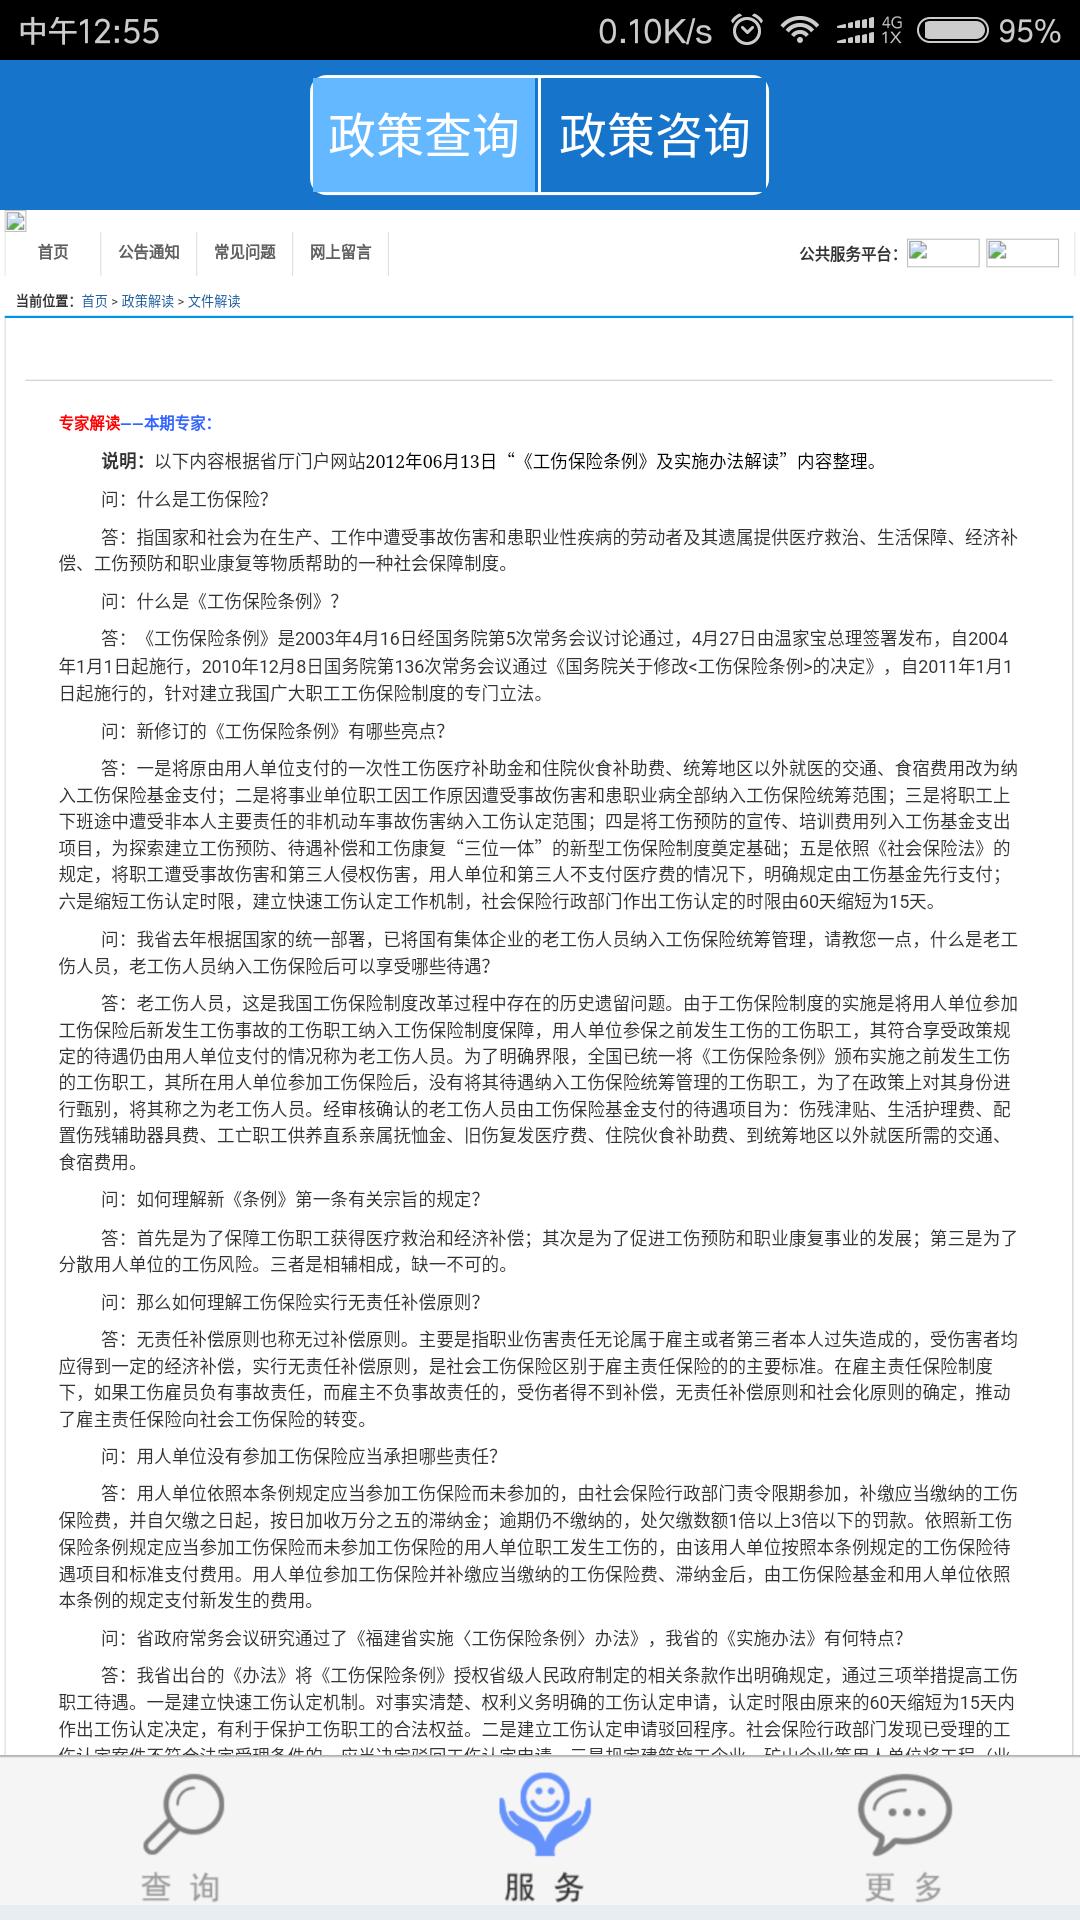 福建社保截图(2)